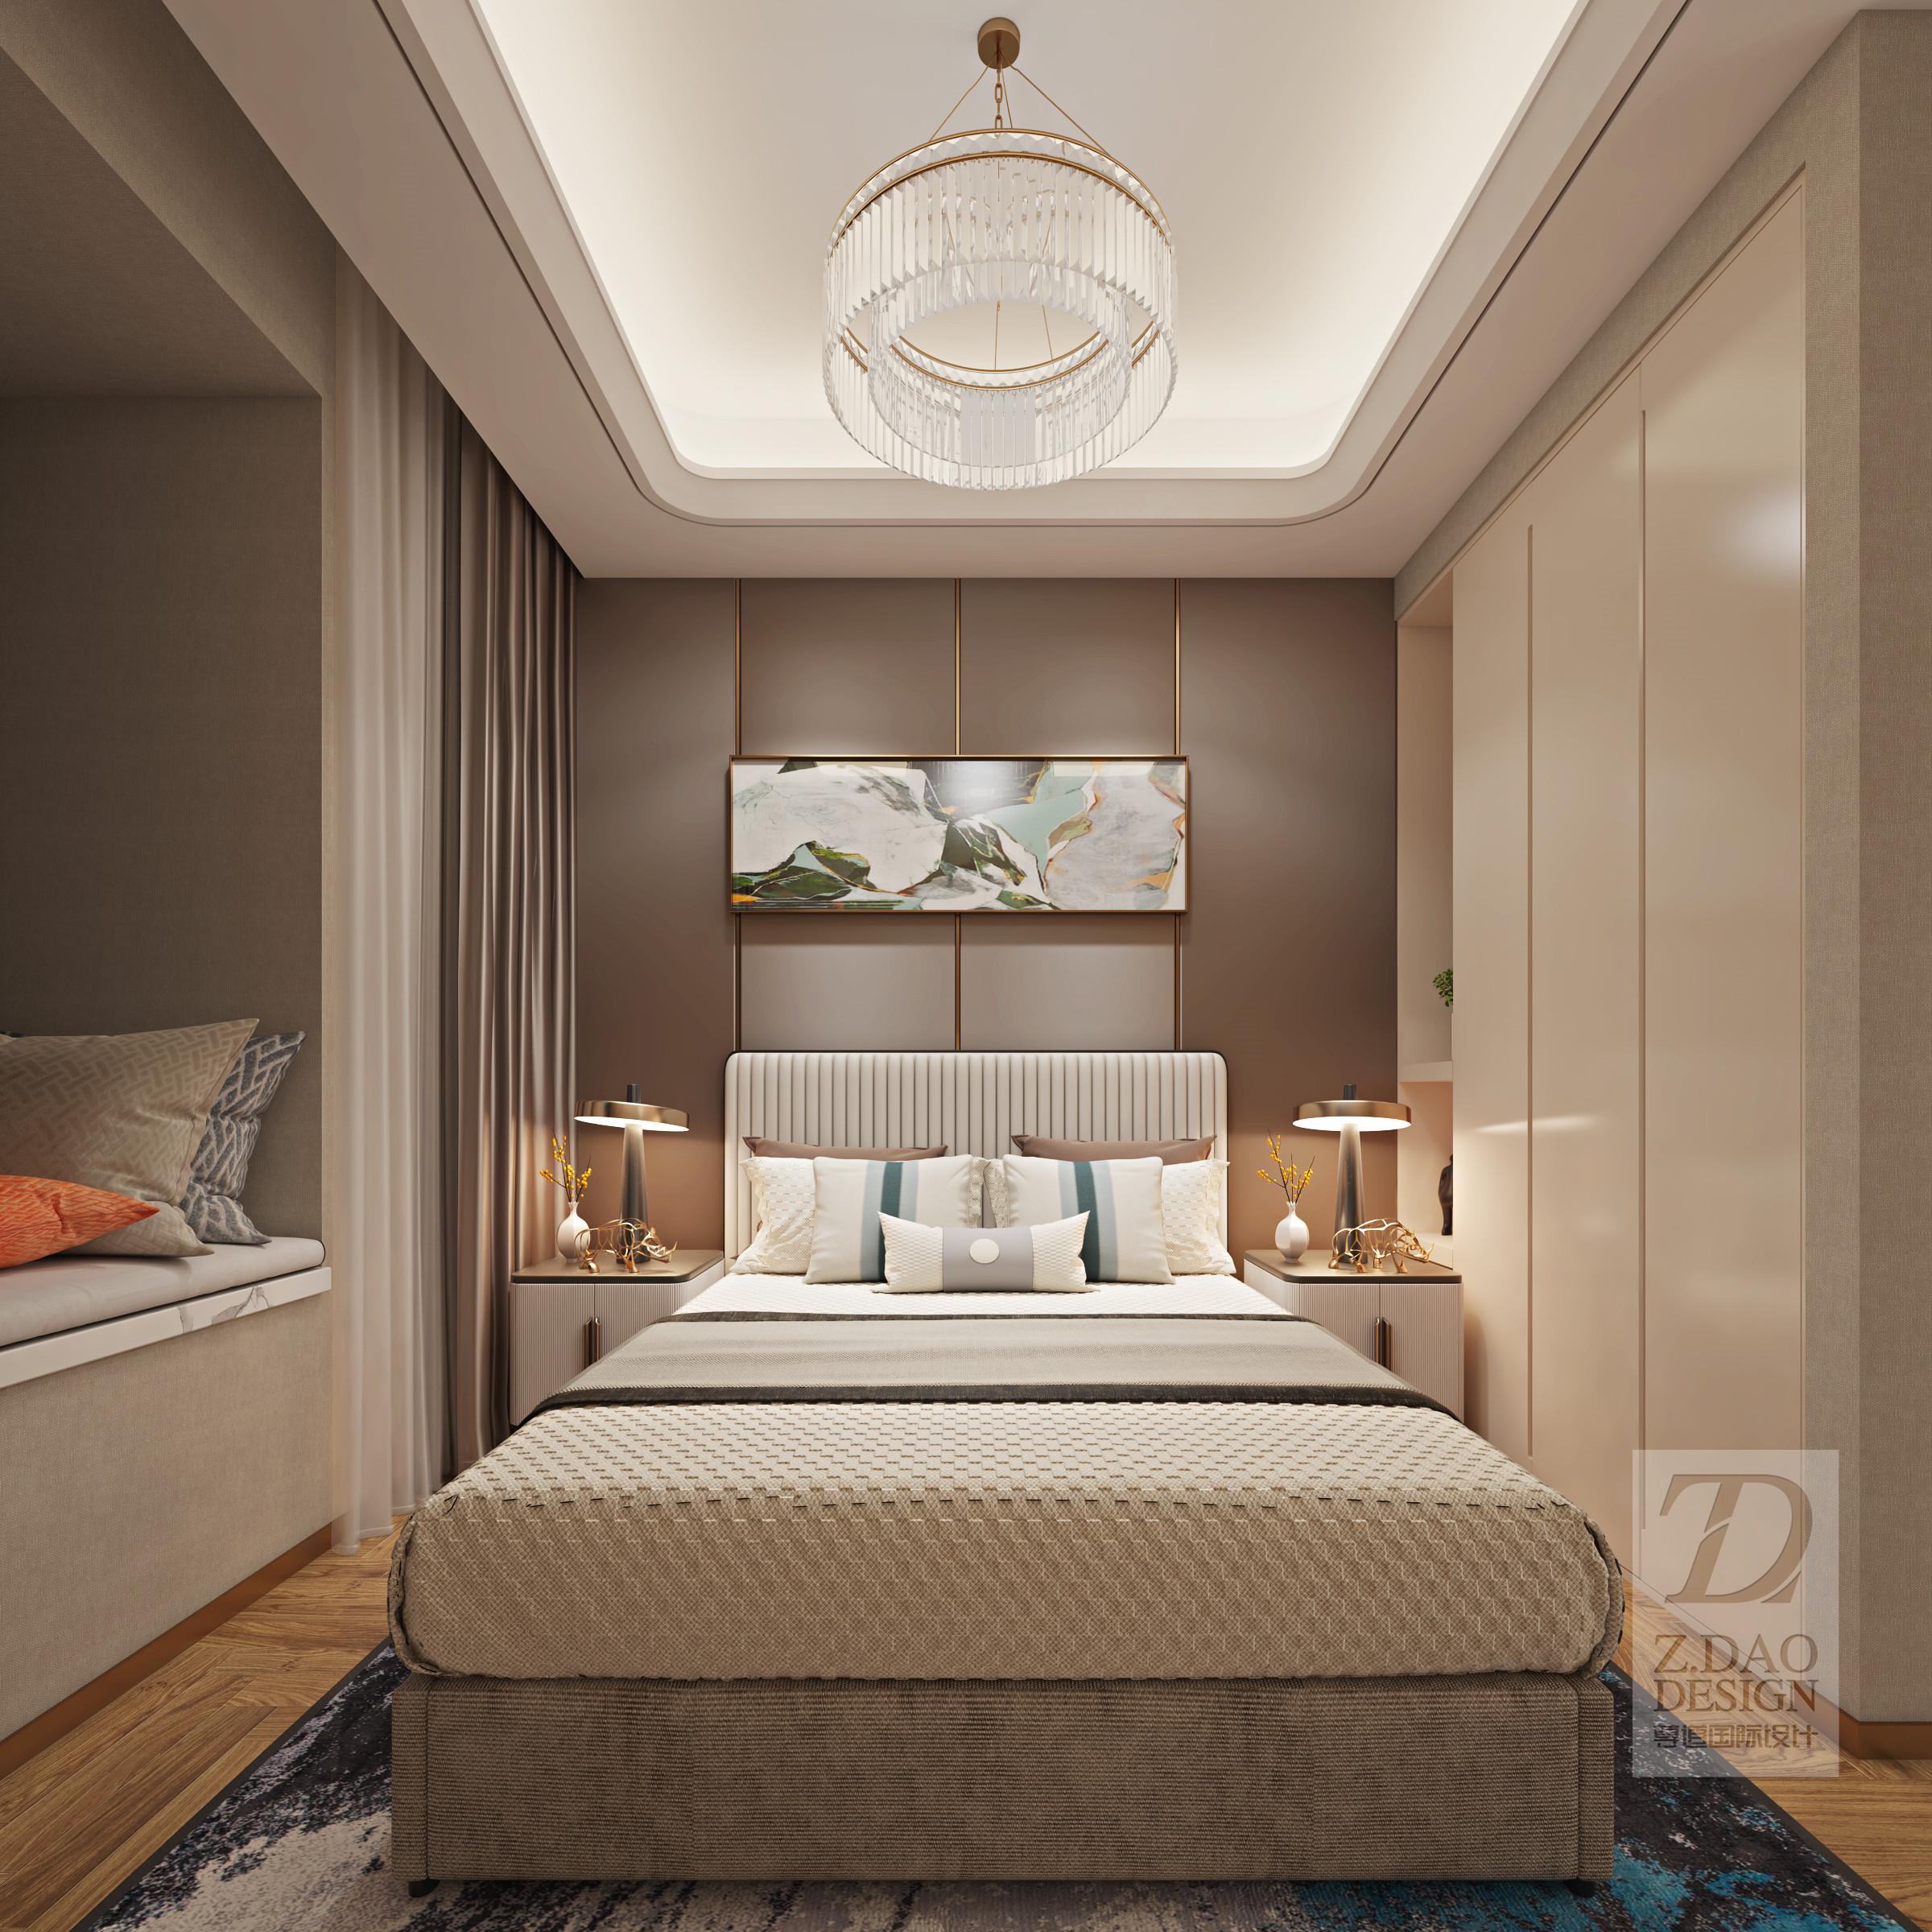 142㎡现代轻奢风卧室装修效果图